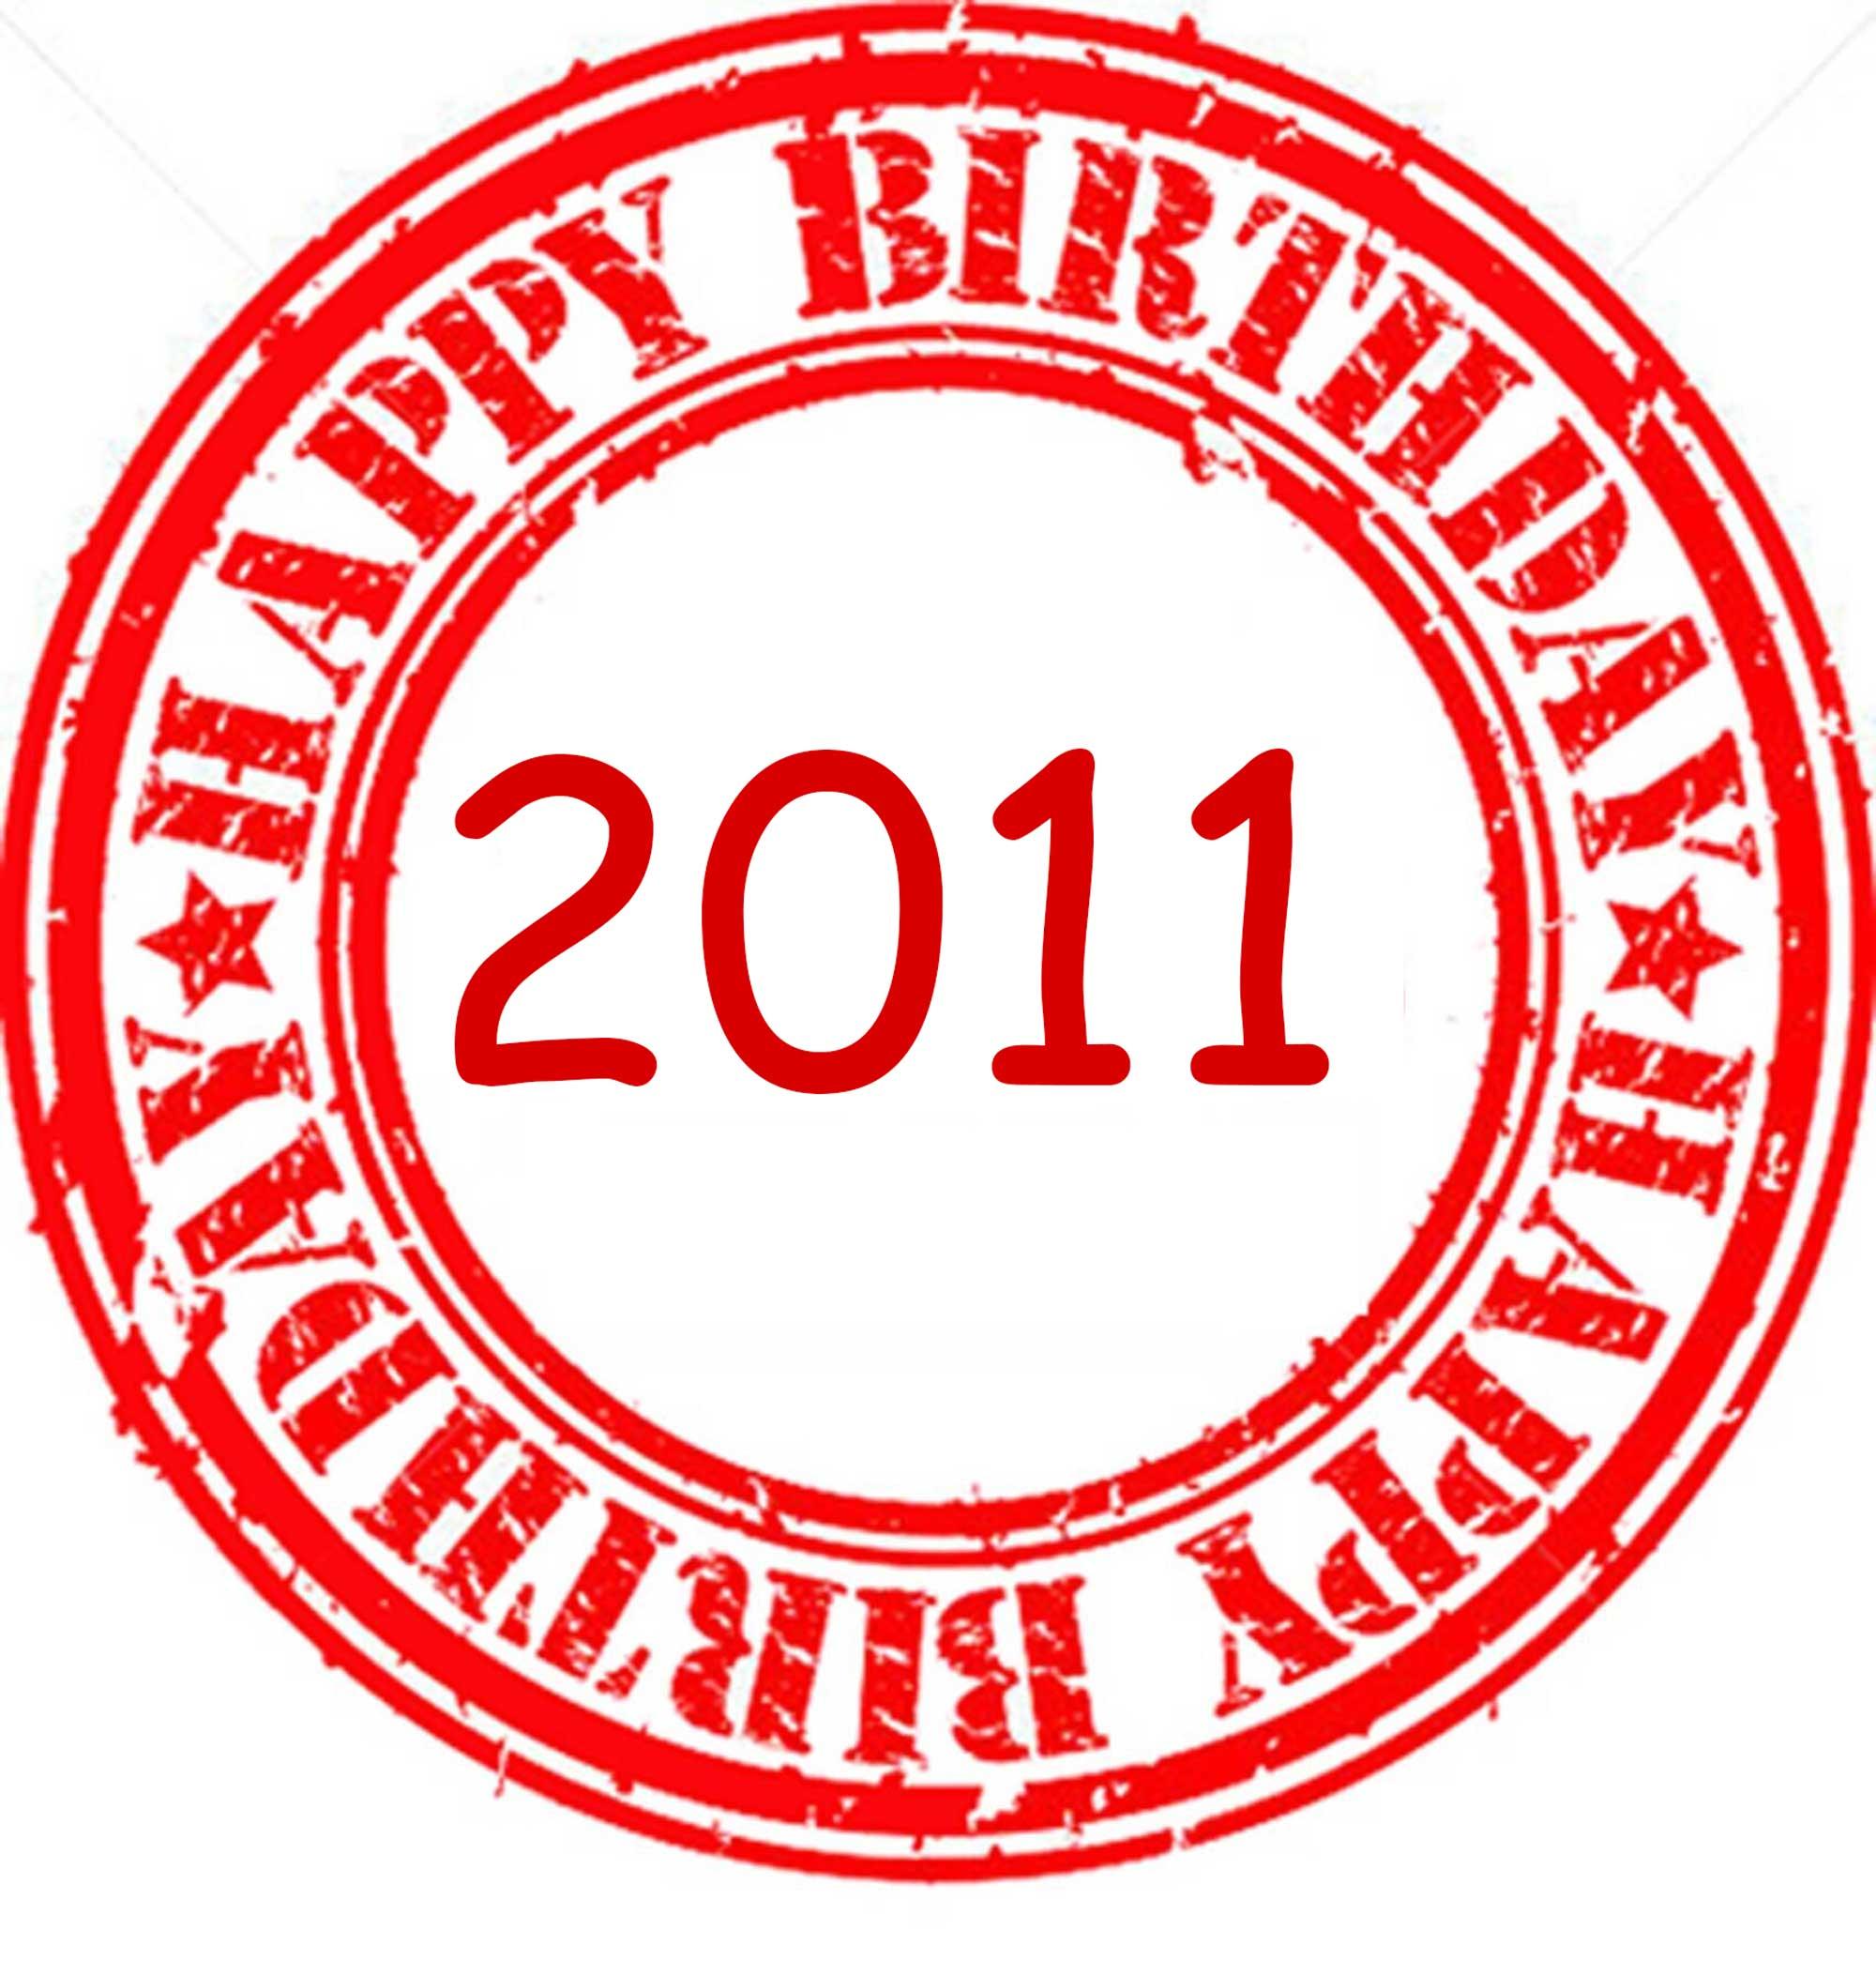 2011 regalos para mi cumpleaños